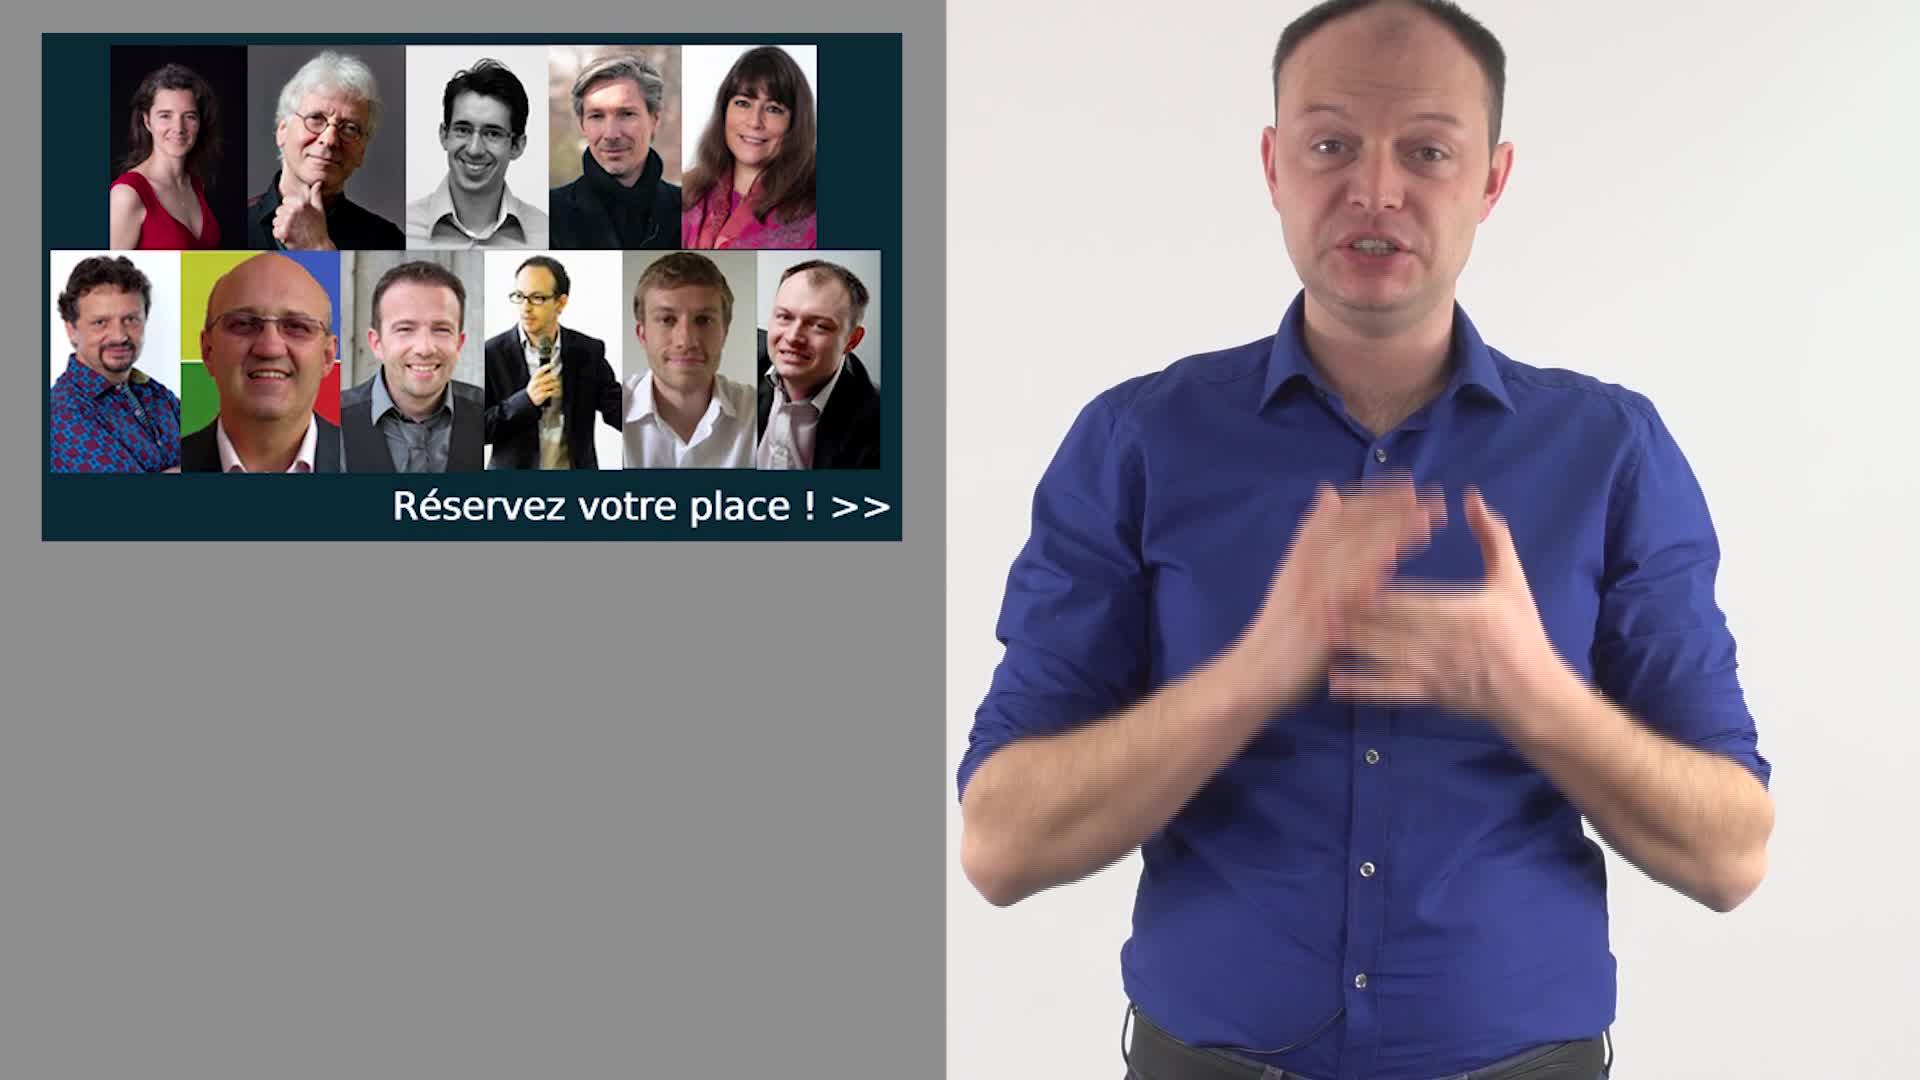 Désolé, votre navigateur ne supporte pas les vidéos HTML5 au format mp4.